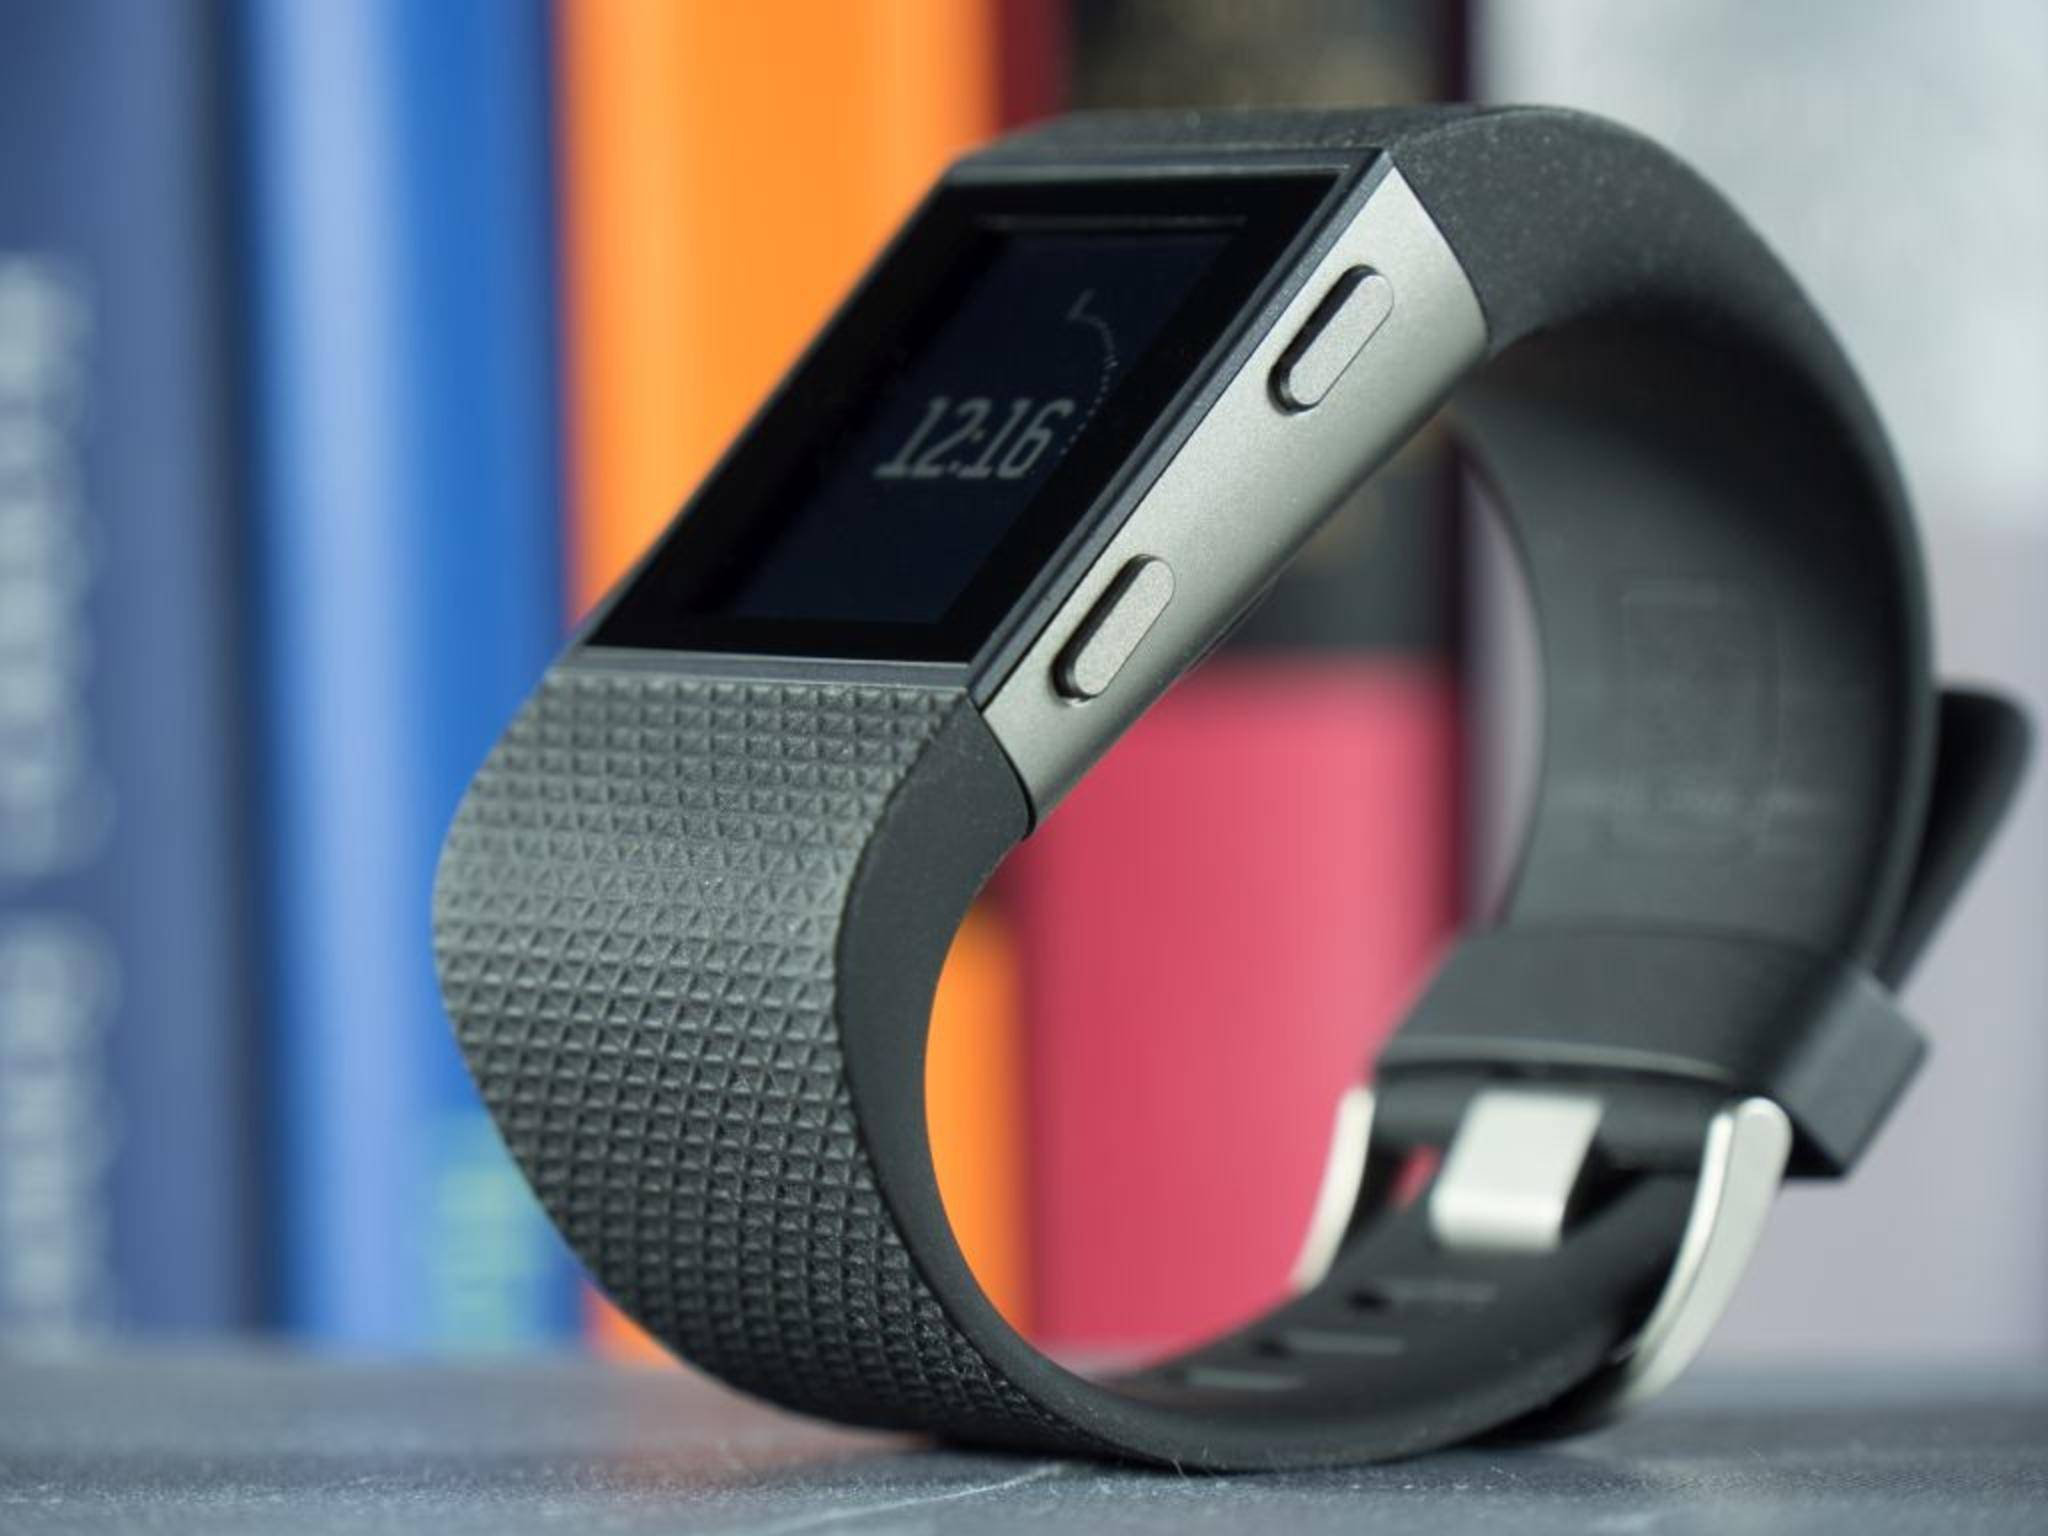 Hübsch ist anders: Die Fitbit Surge besitzt ein Silkonarmband...